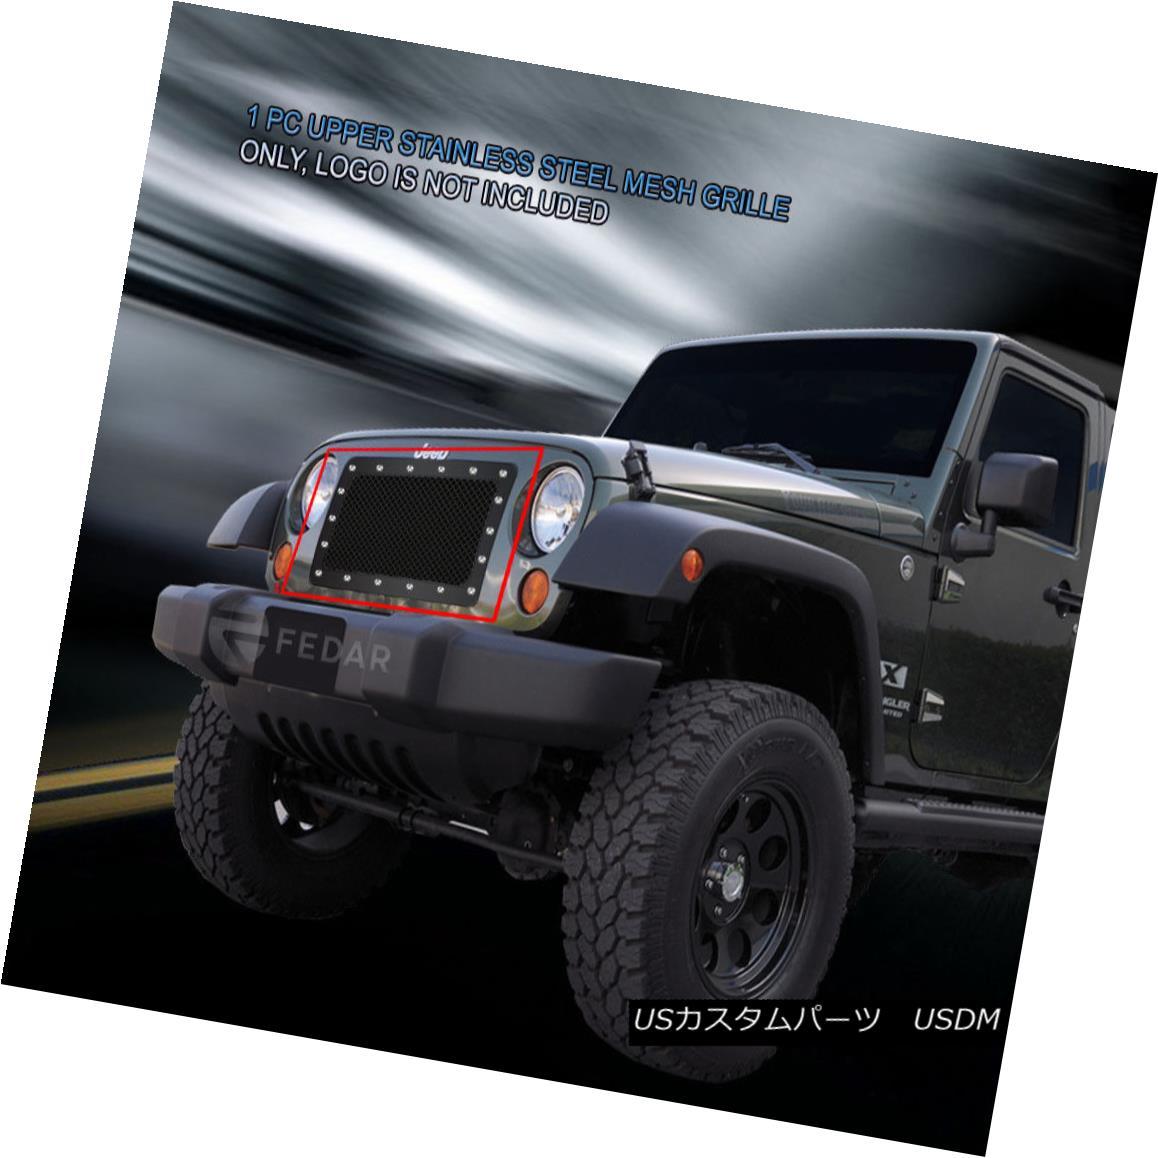 グリル Fedar Fits 07-14 Jeep Wrangler Mesh Grille Insert フェデラルフィット07-14ジープラングラーメッシュグリルインサート